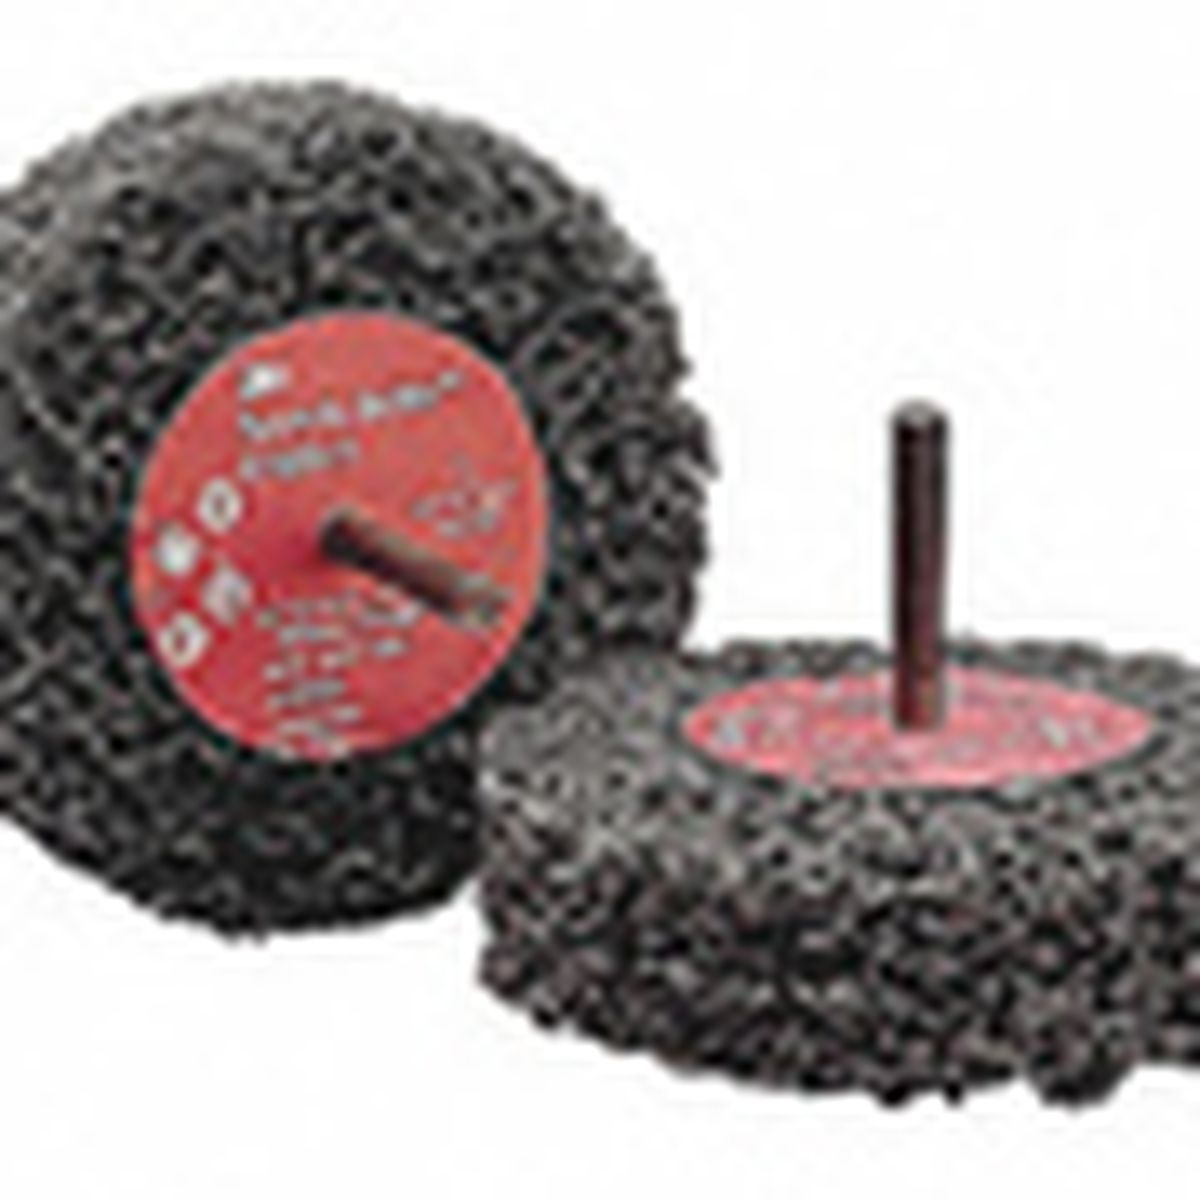 Abrasive wheel attachments